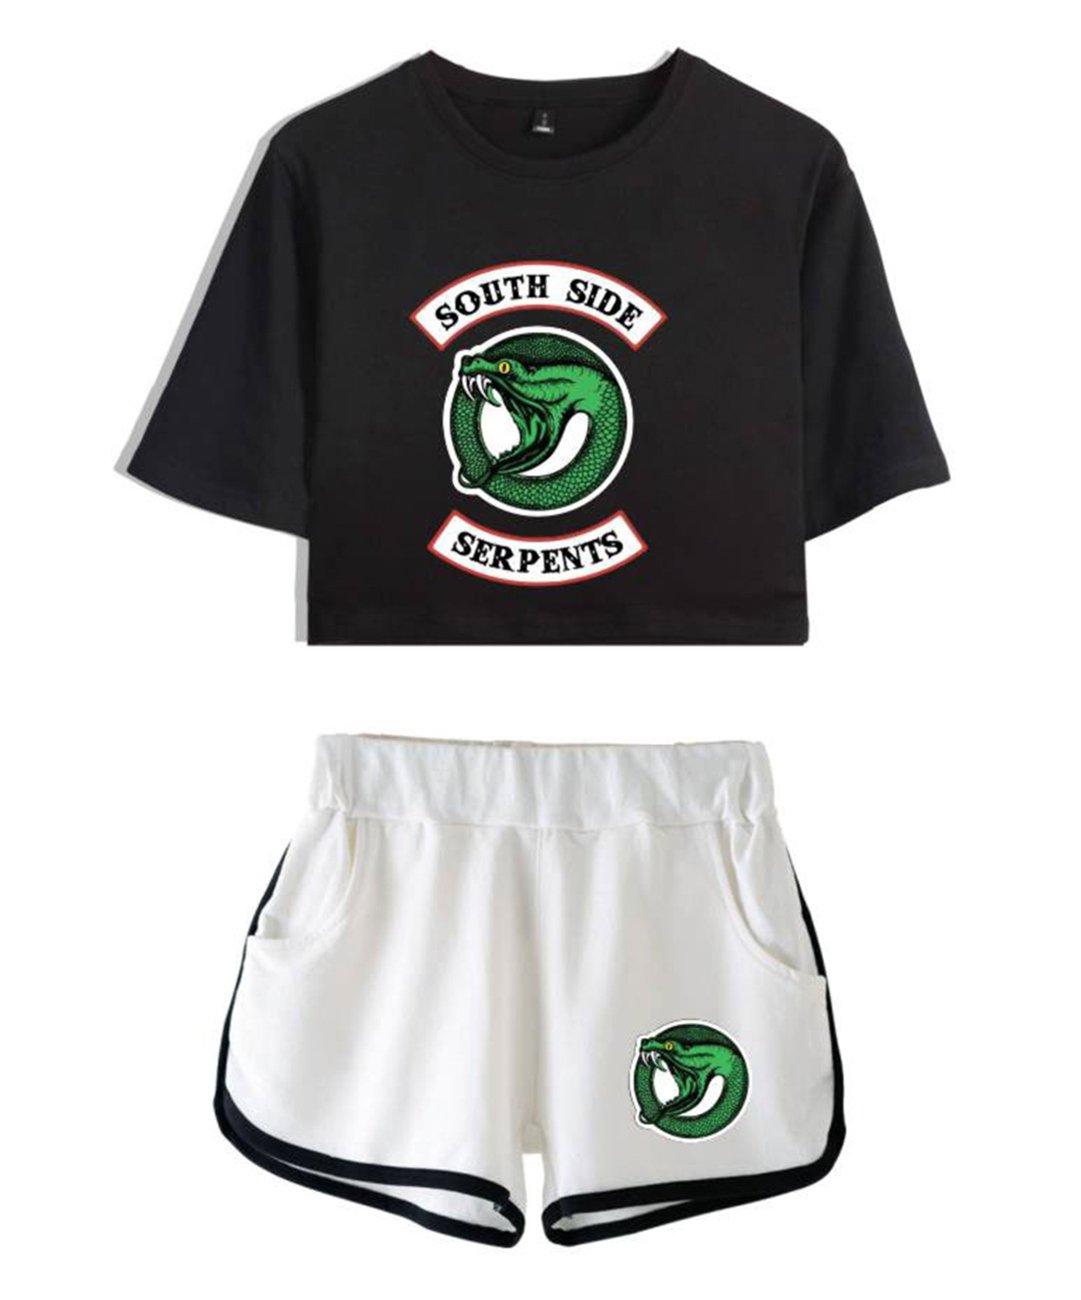 ZIGJOY Riverdale Crop Top T-Shirts and Shorts Traje de Ropa para niñas y Mujeres